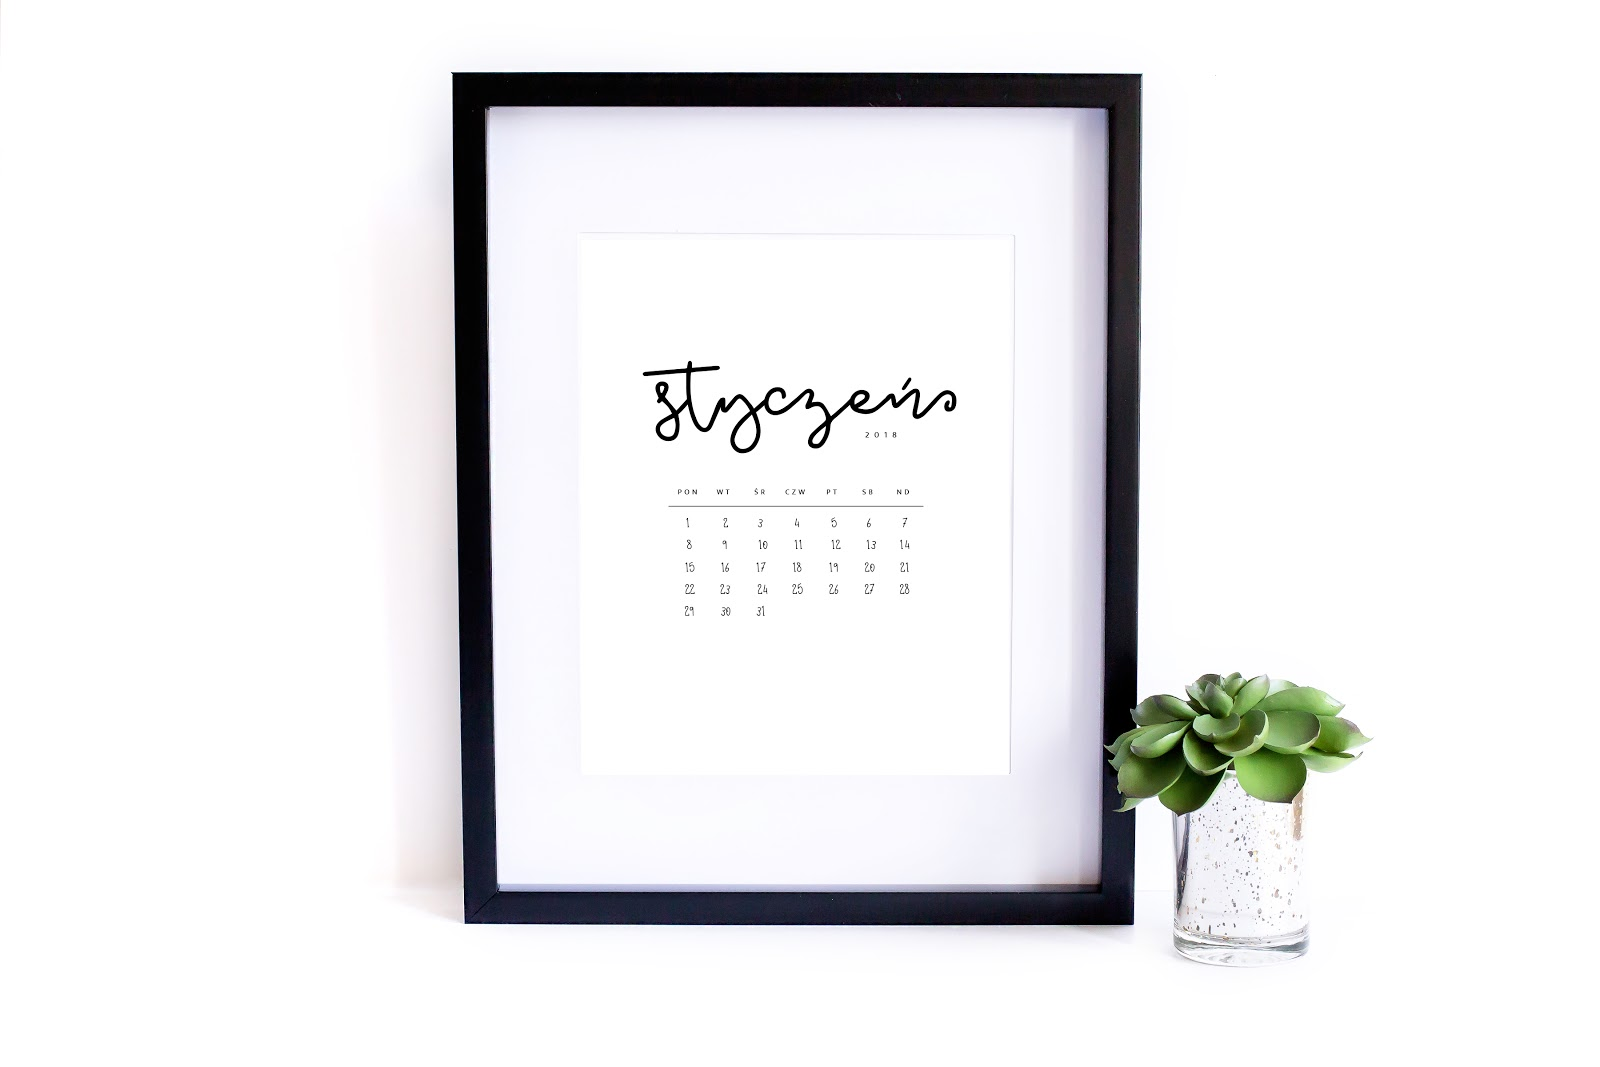 Mimialistyczny kalendarz 2018 do druku